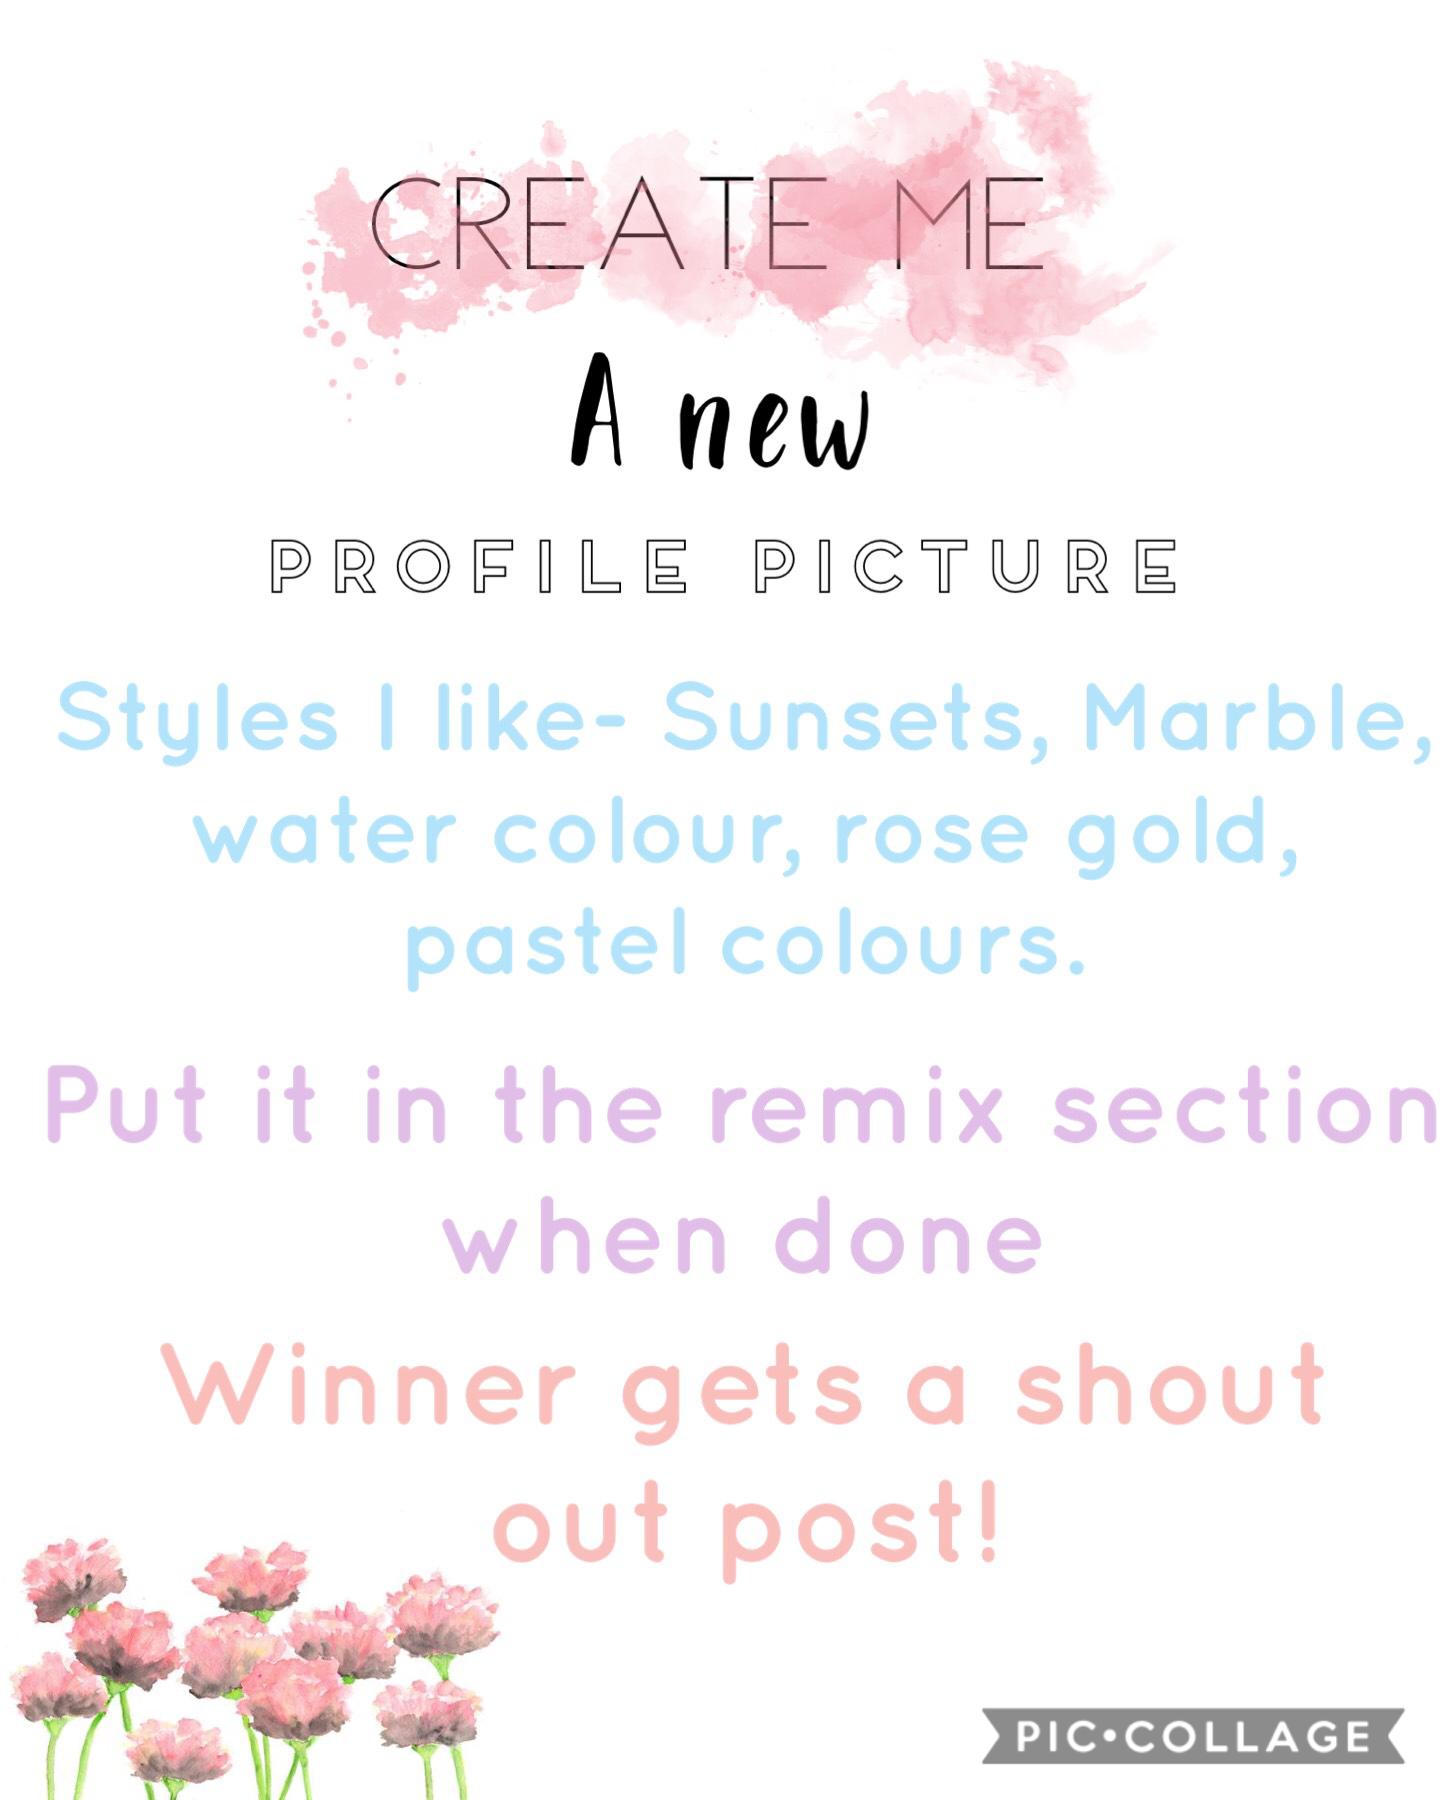 Create me a new profile picture!